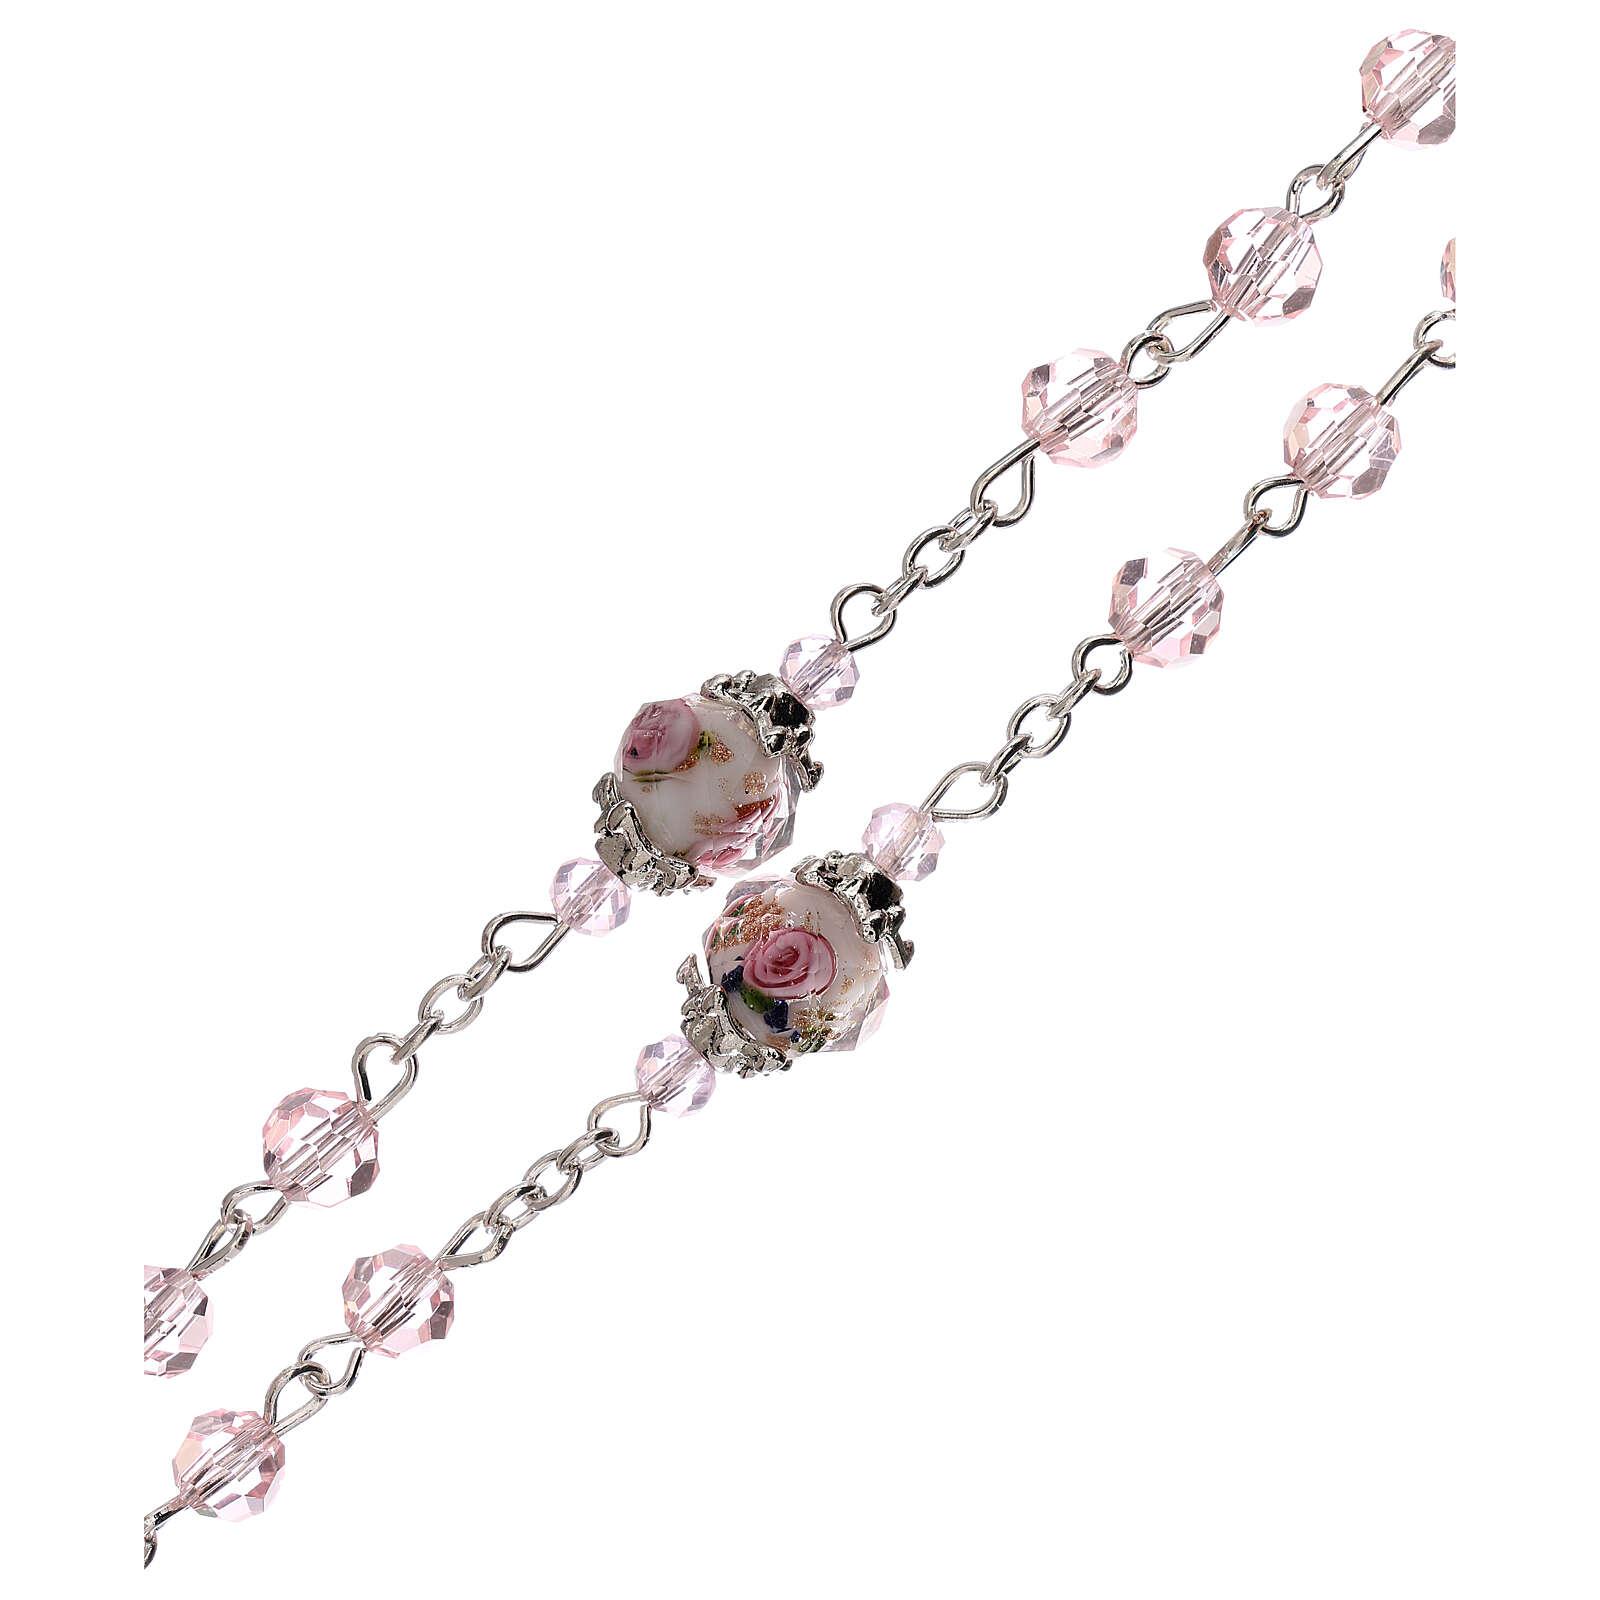 Chapelet grains décorés Sainte Vierge cristal véritable rose 3 mm 4